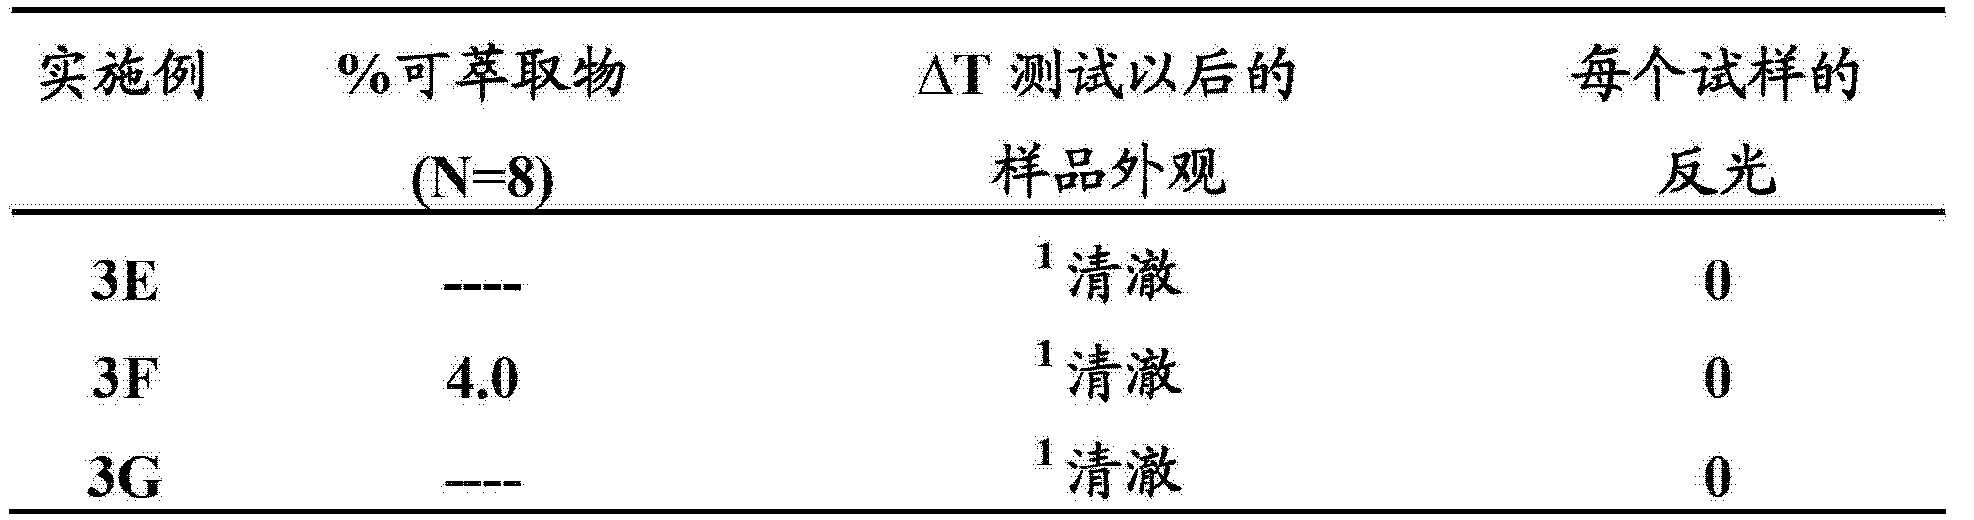 Figure CN102946913BD00142